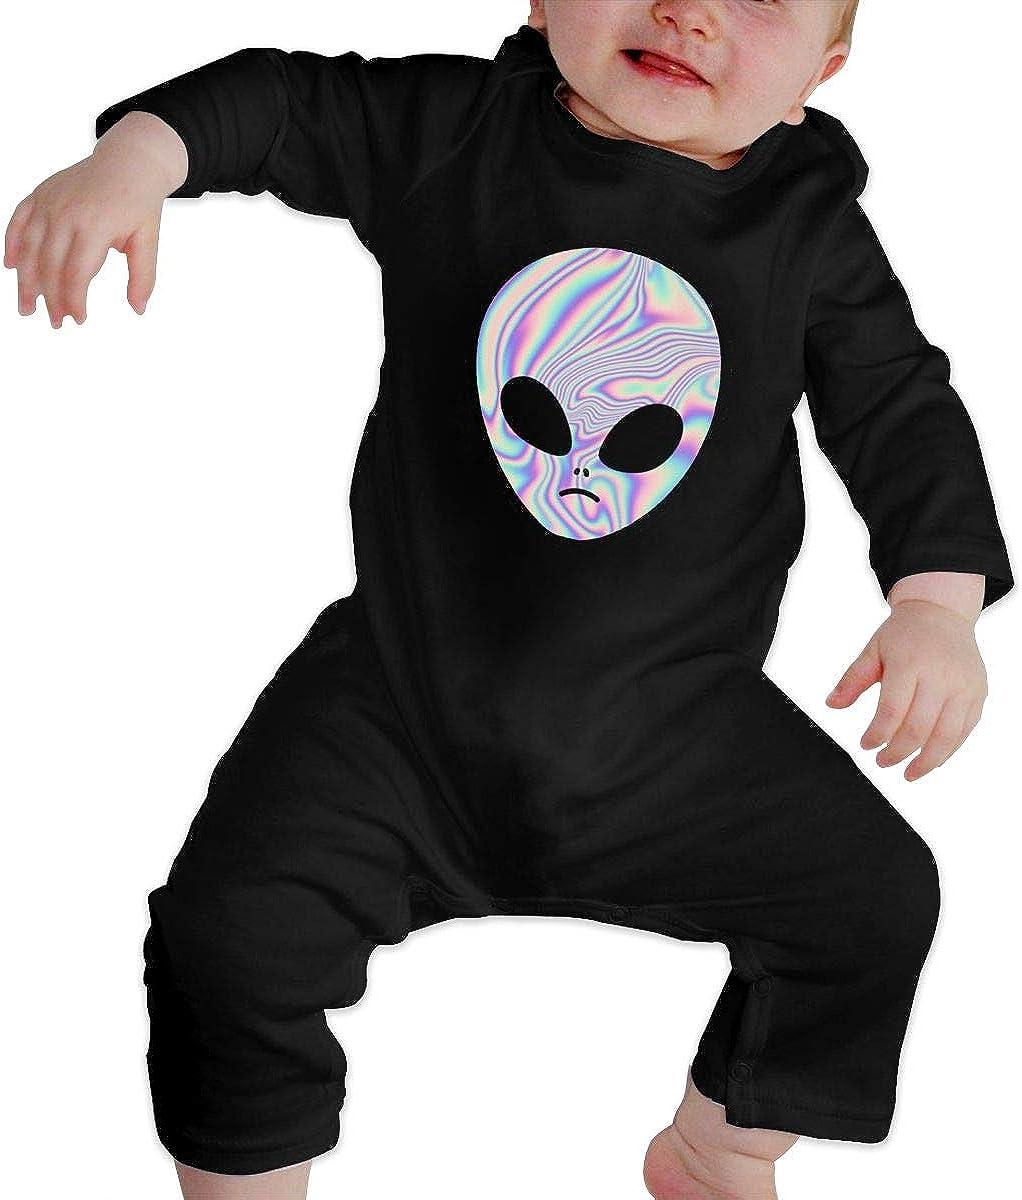 P Alien Calcomanía bebé Crawler Personalidad Escalada Ropa ...